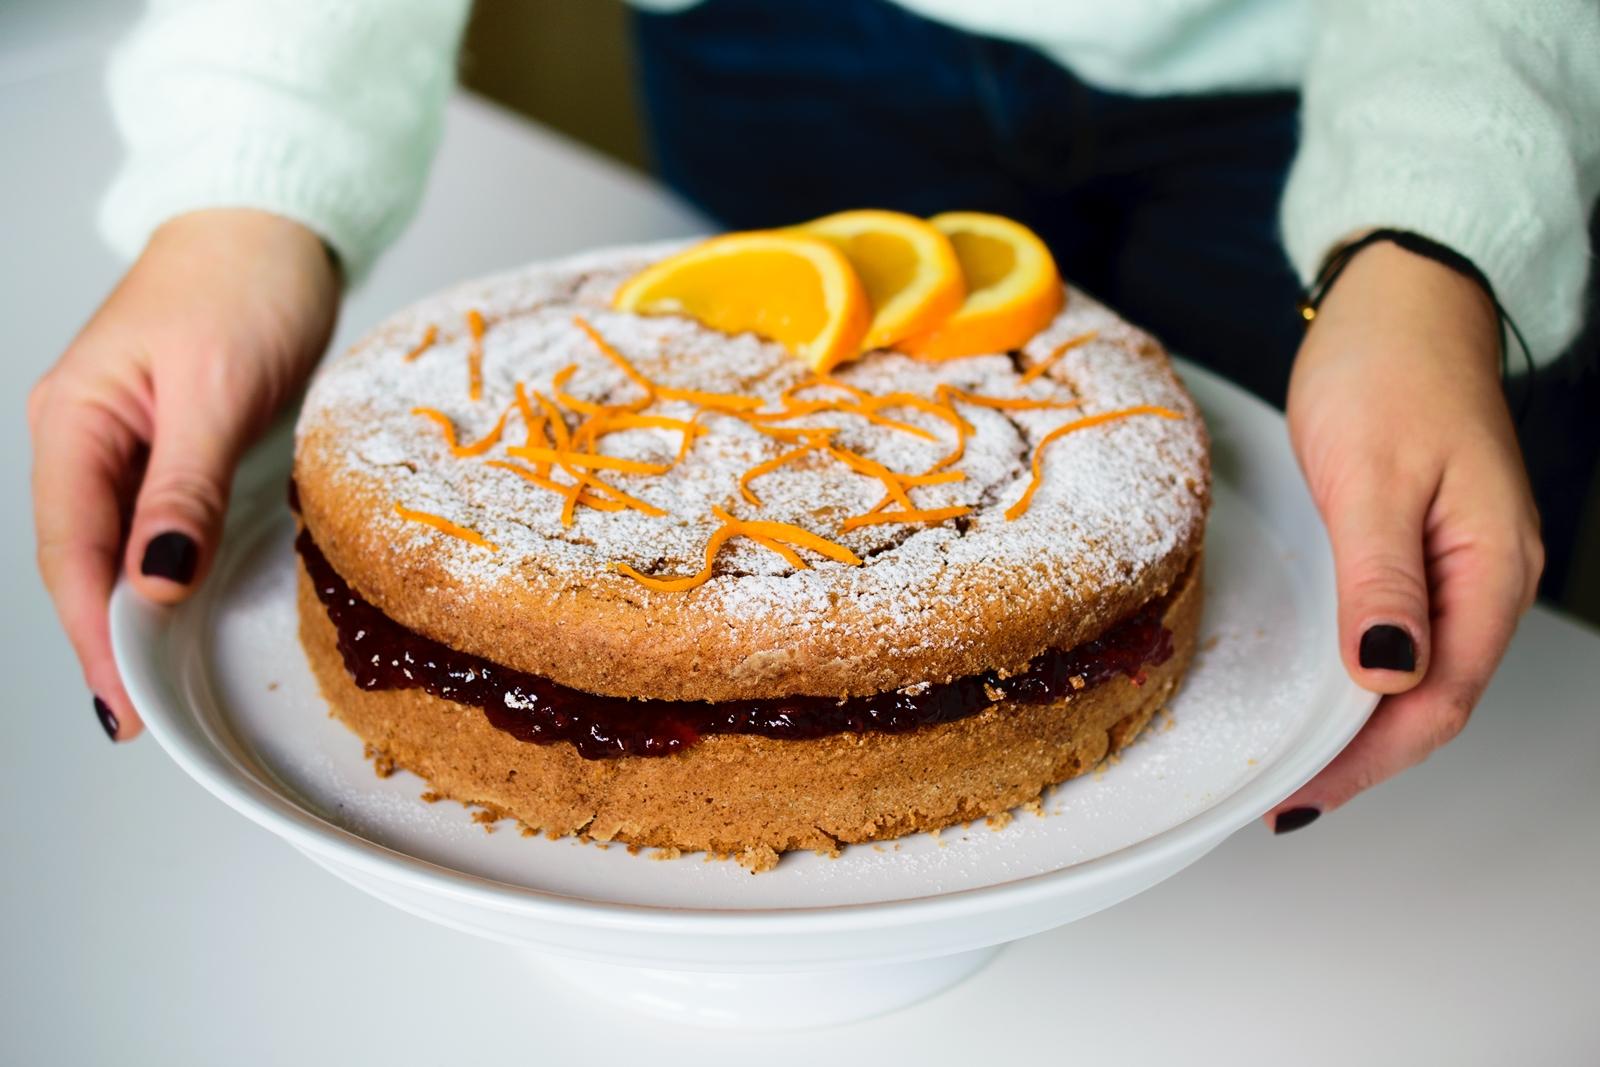 Κέικ με καρύδια, πορτοκάλι και μαρμελάδα, χωρίς γλουτένη